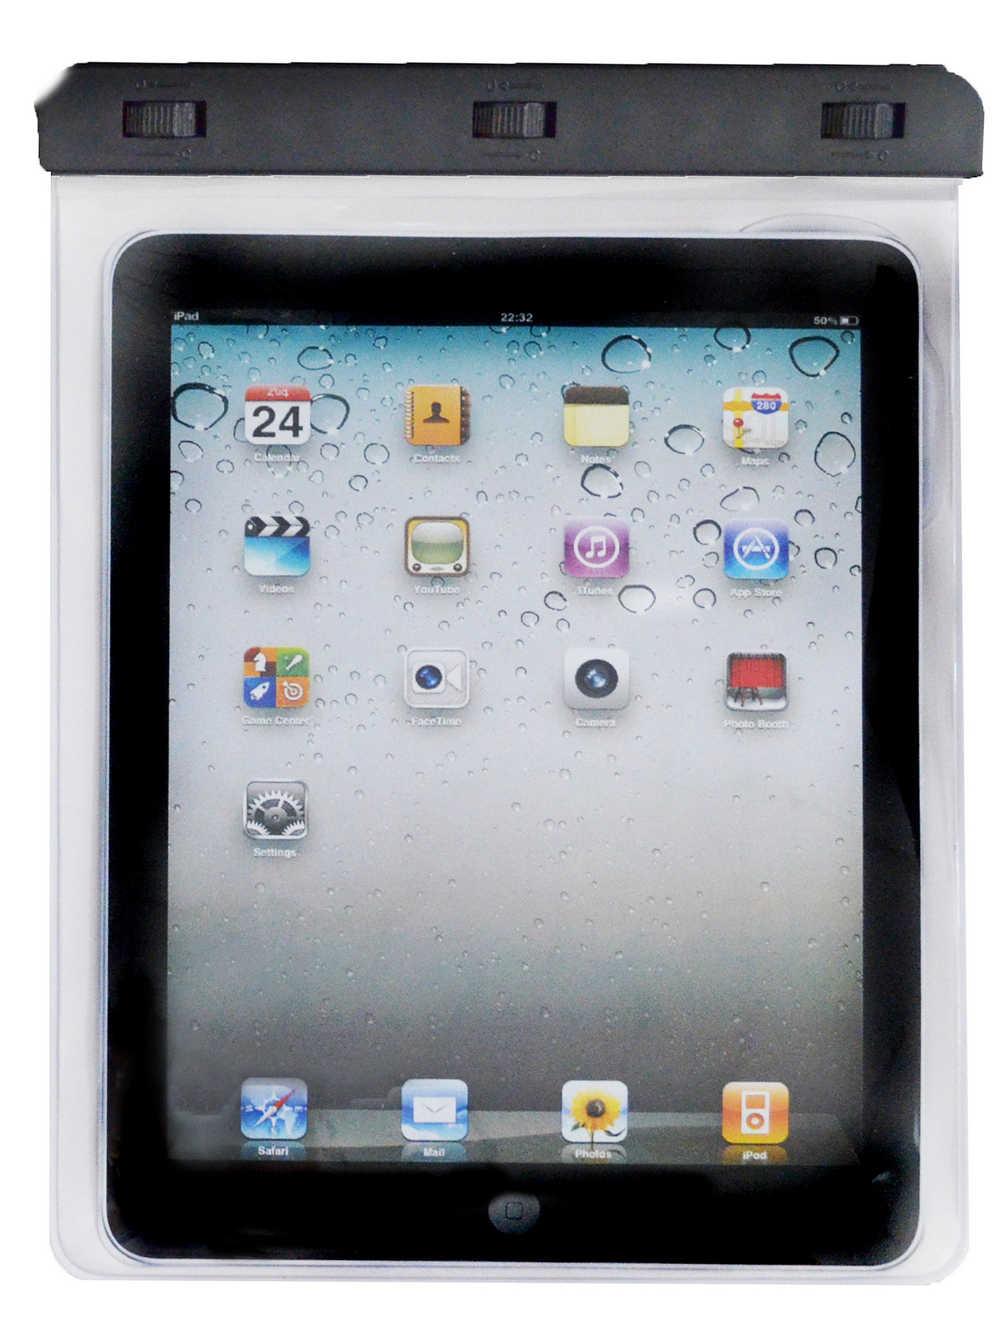 Θήκη Αδιάβροχη Ancus για Apple iPad και Ηλεκτρονικών Συσκευών Λευκή (29 cm x 21 cm)